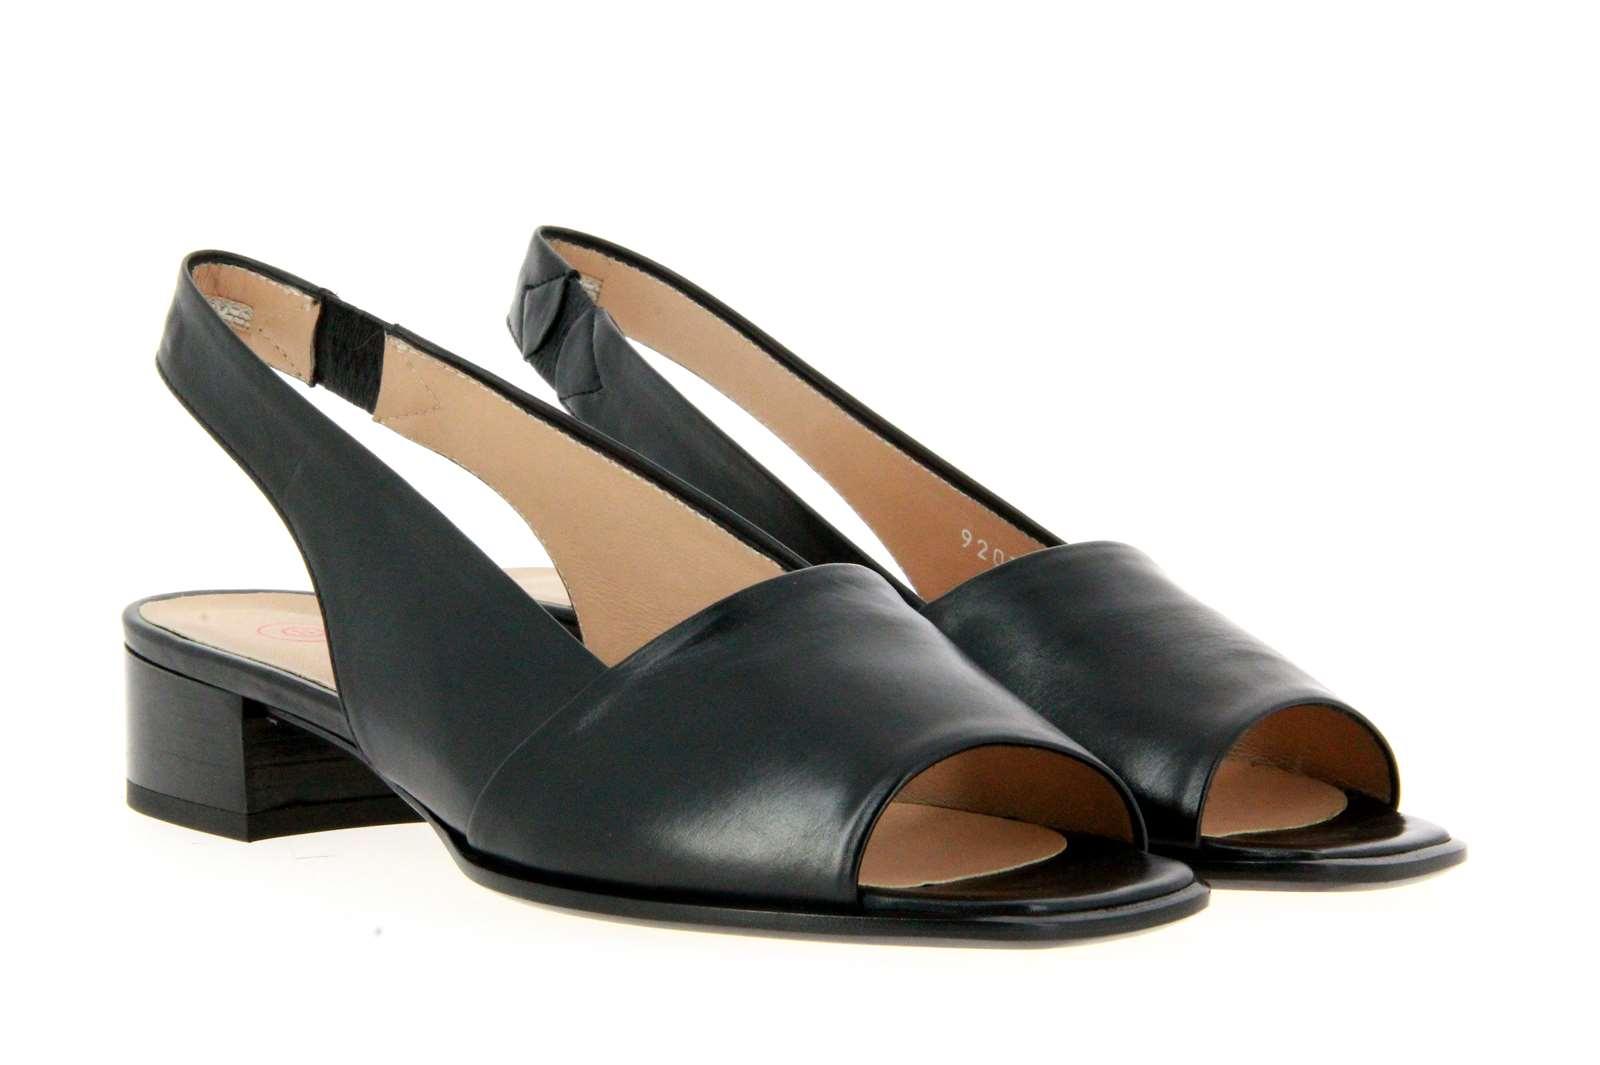 Pas de rouge sandals SOFTY NERO